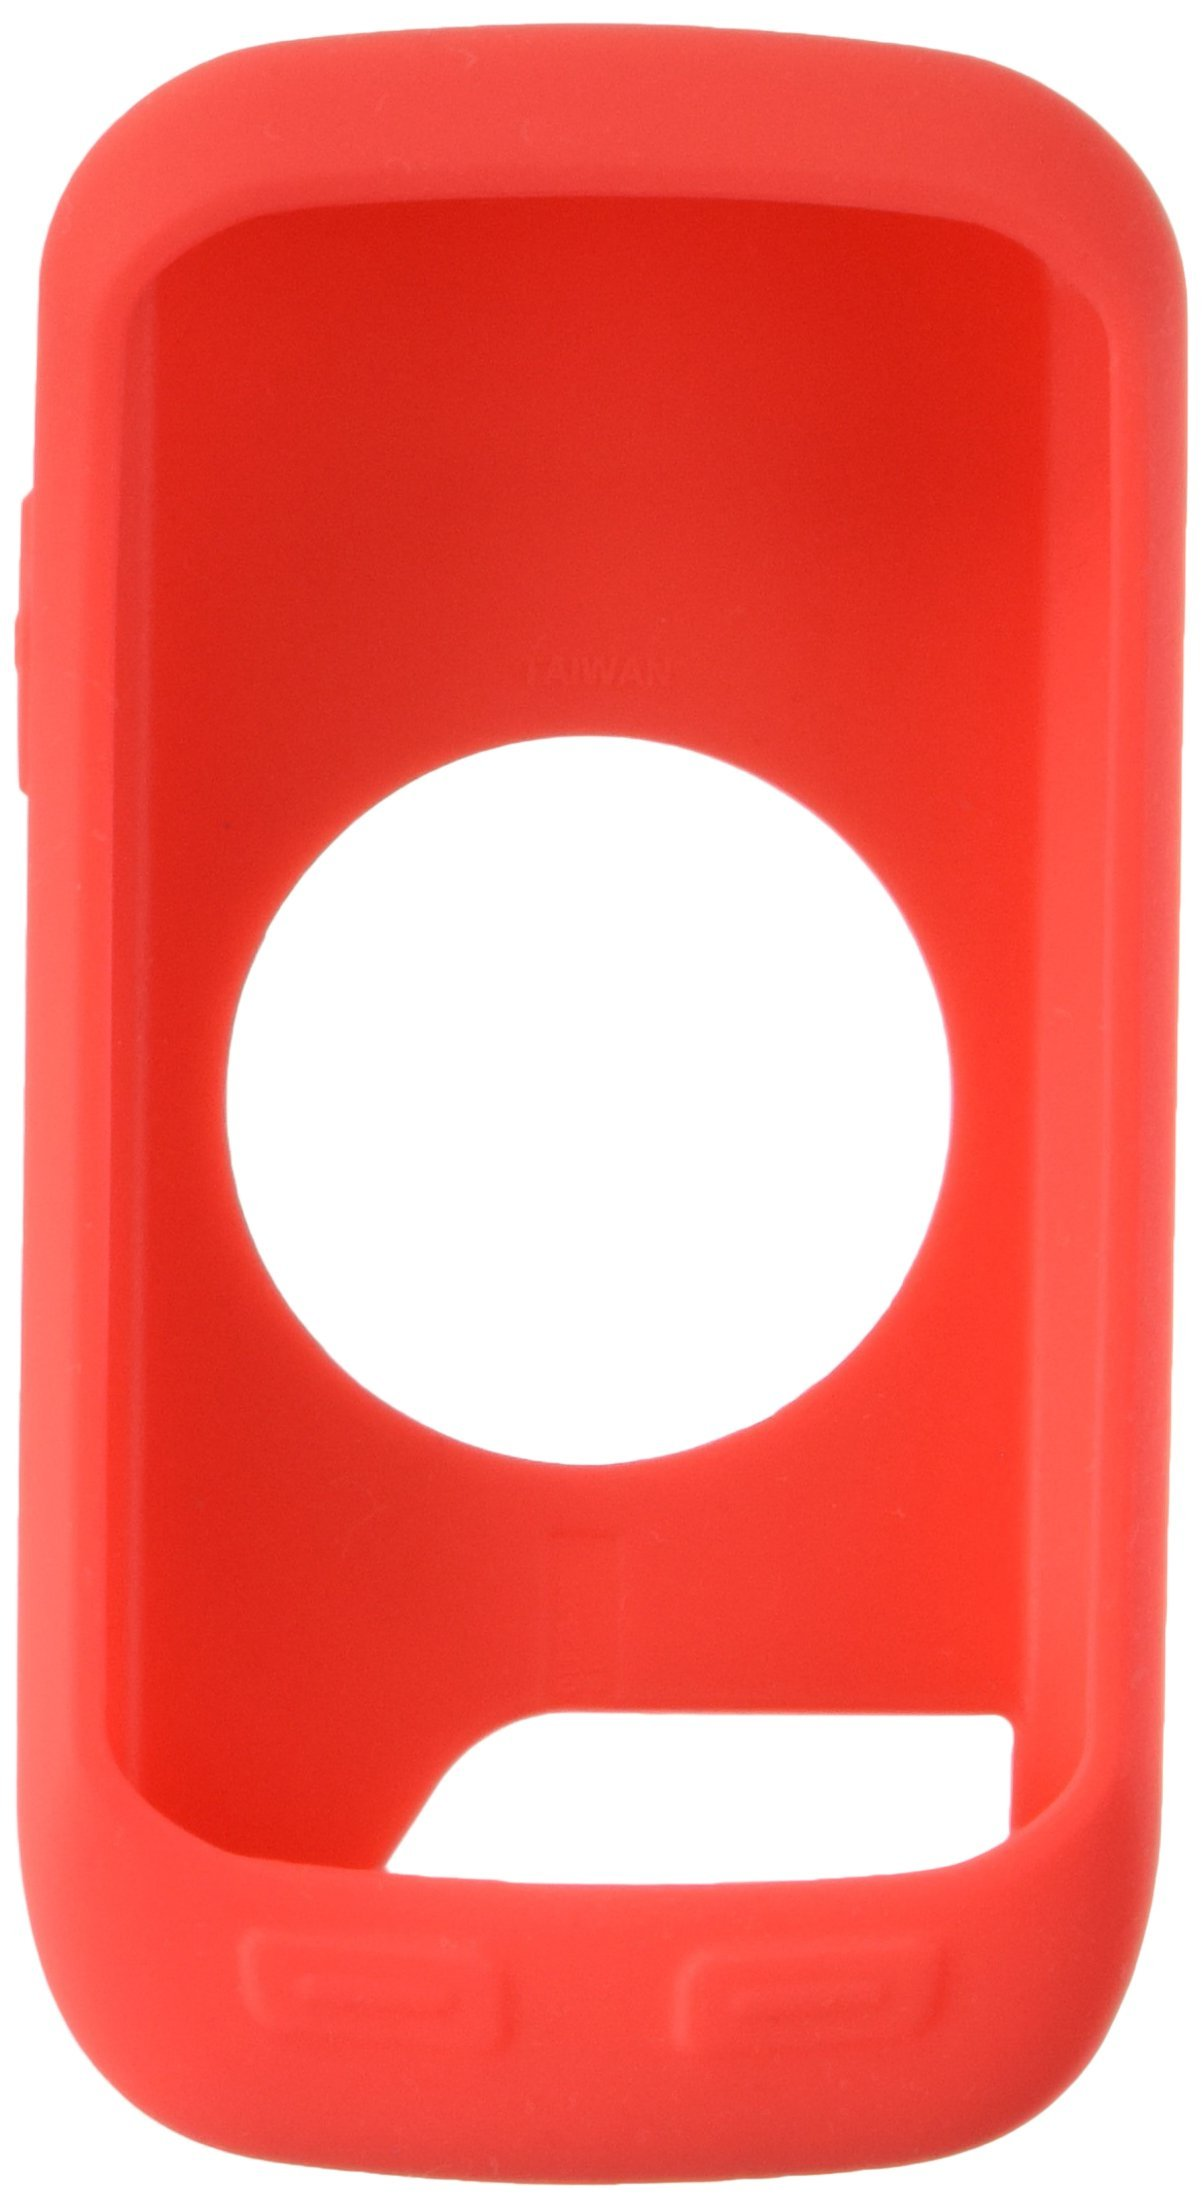 Garmin - Carcasa de silicona para ordenador de bicicleta Edge 1000 GPS product image